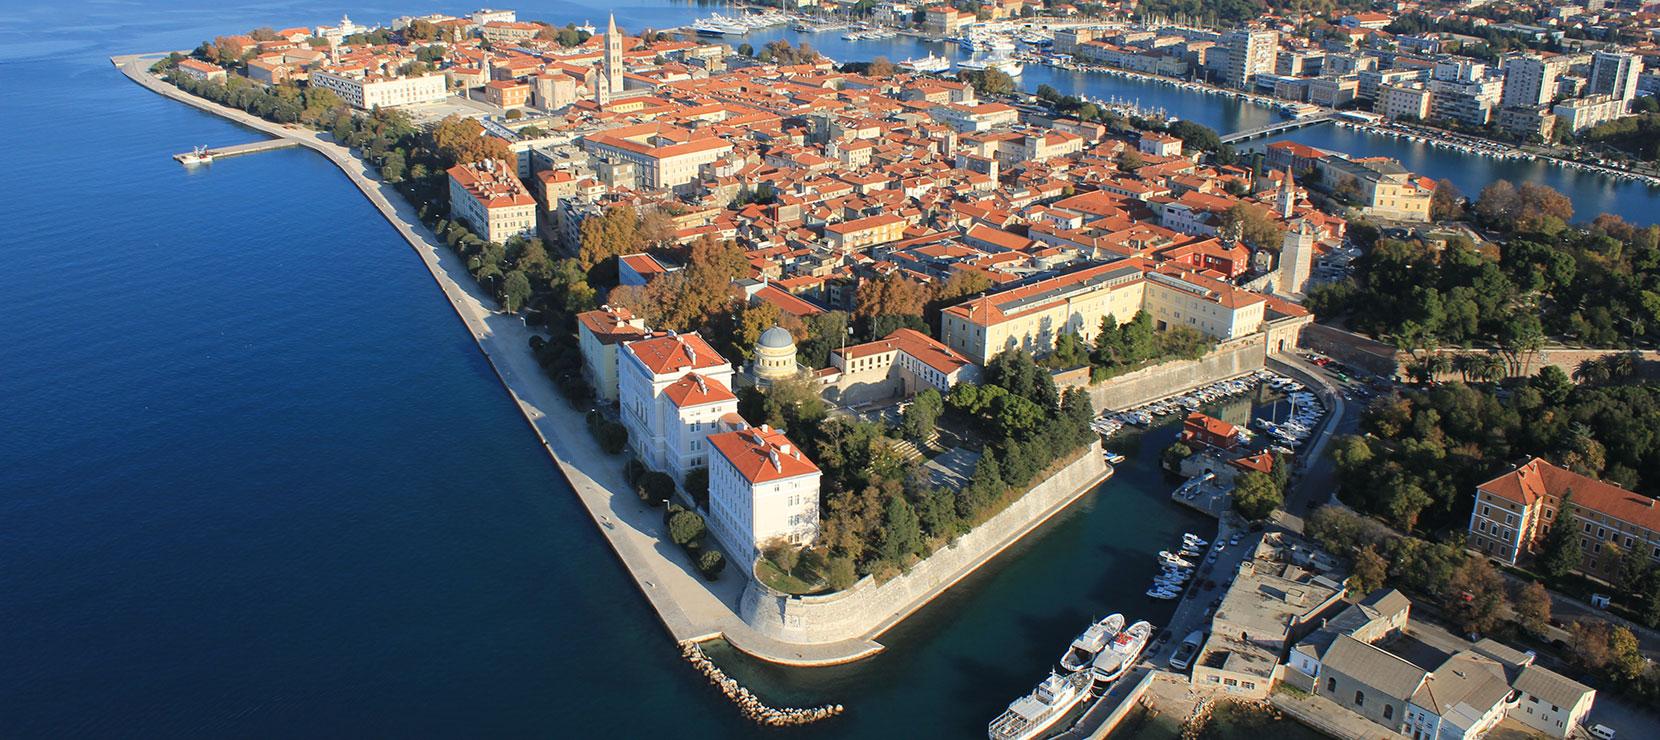 Хорватия, город Задар, Адриатическое море